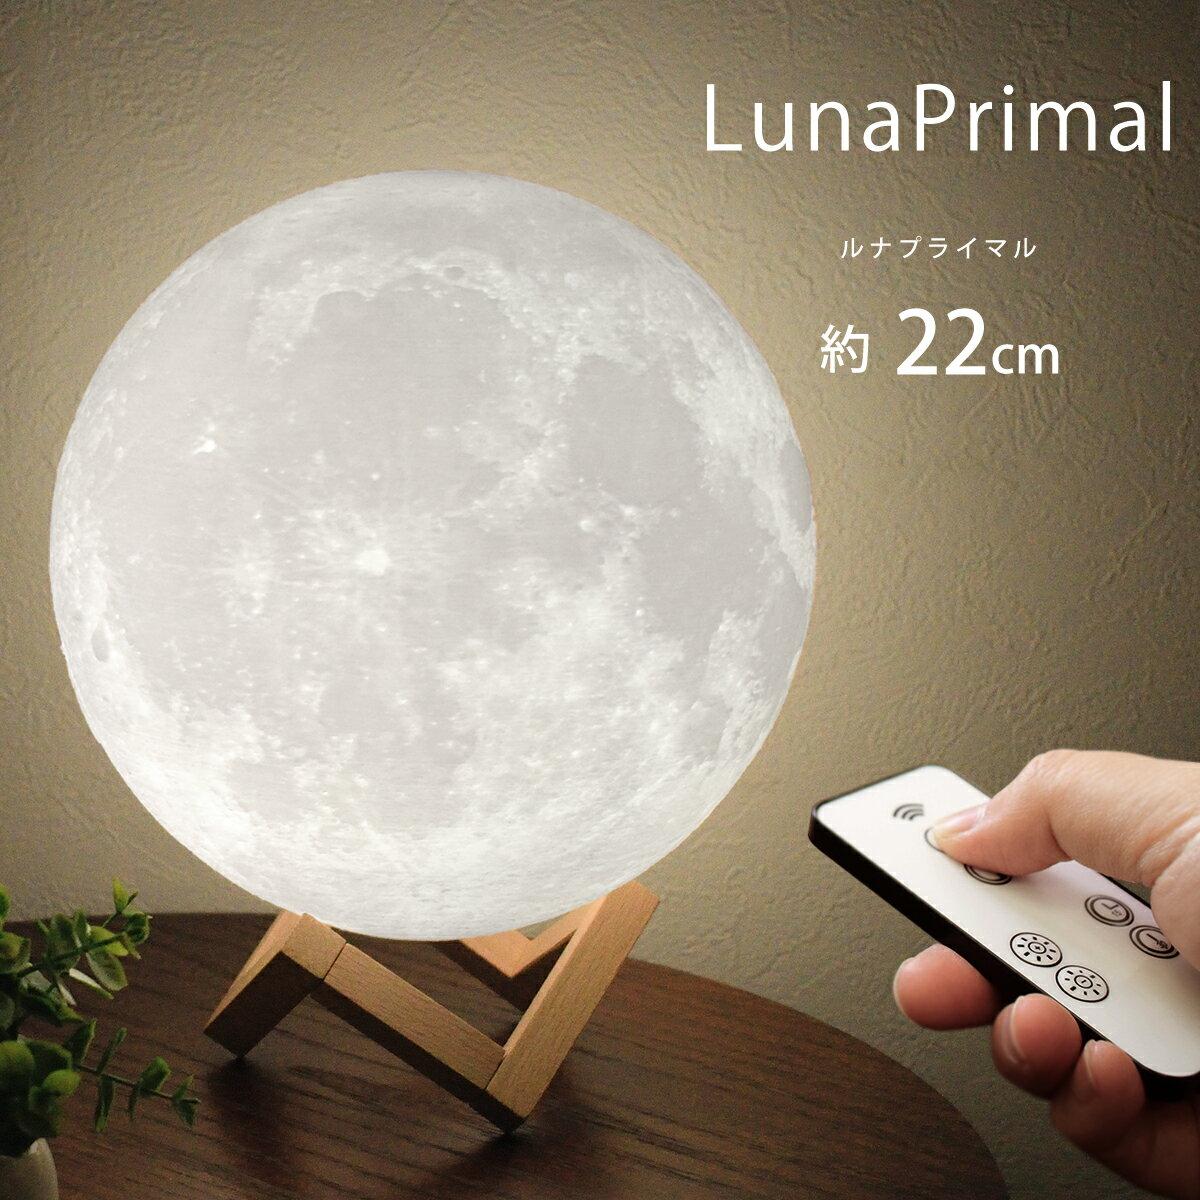 月ライト 22cm 間接照明 テーブルランプ 照明 インテリア おしゃれ 月のランプ 月 寝室 おしゃれ 照明 3Dプリント USB充電式 調色 調光 色切替 ギフト 月 ライト ランプ リビング ナイトライト リモコン付 匠の誠品